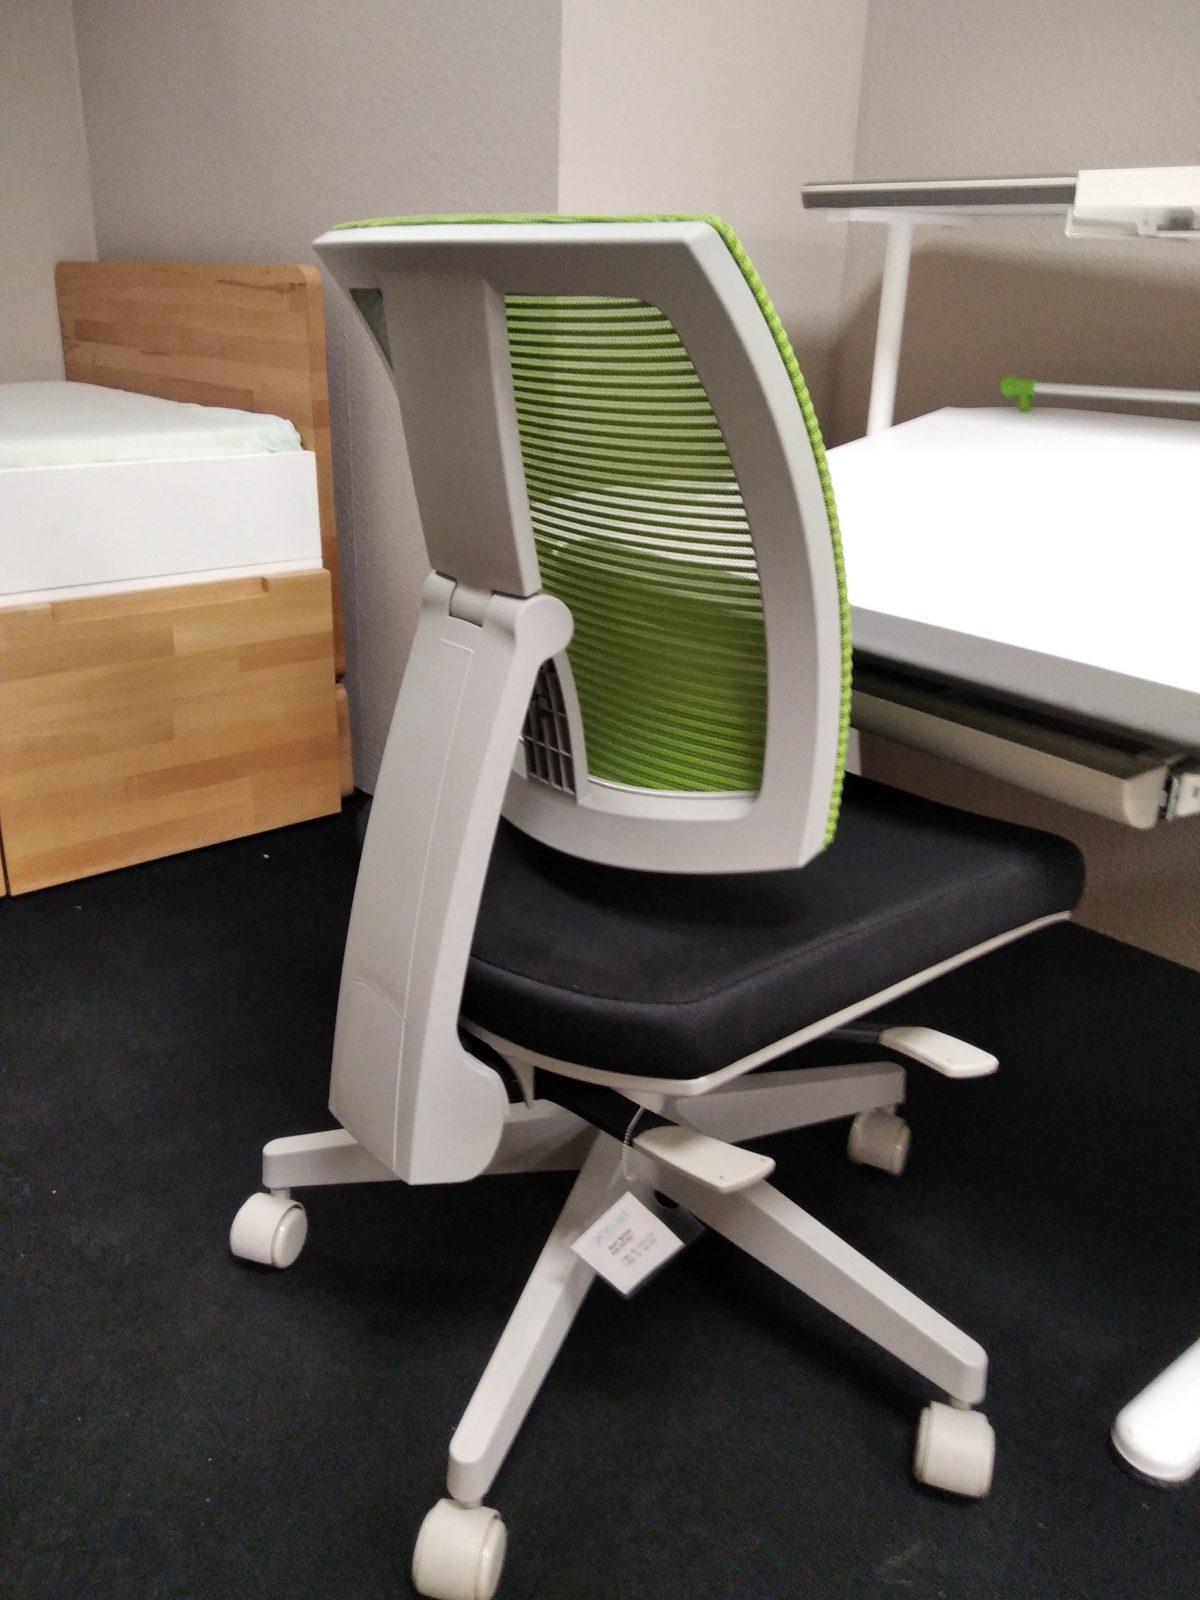 IMG 20210517 115849 scaled - Delso - dětský, kancelářský a bytový nábytek